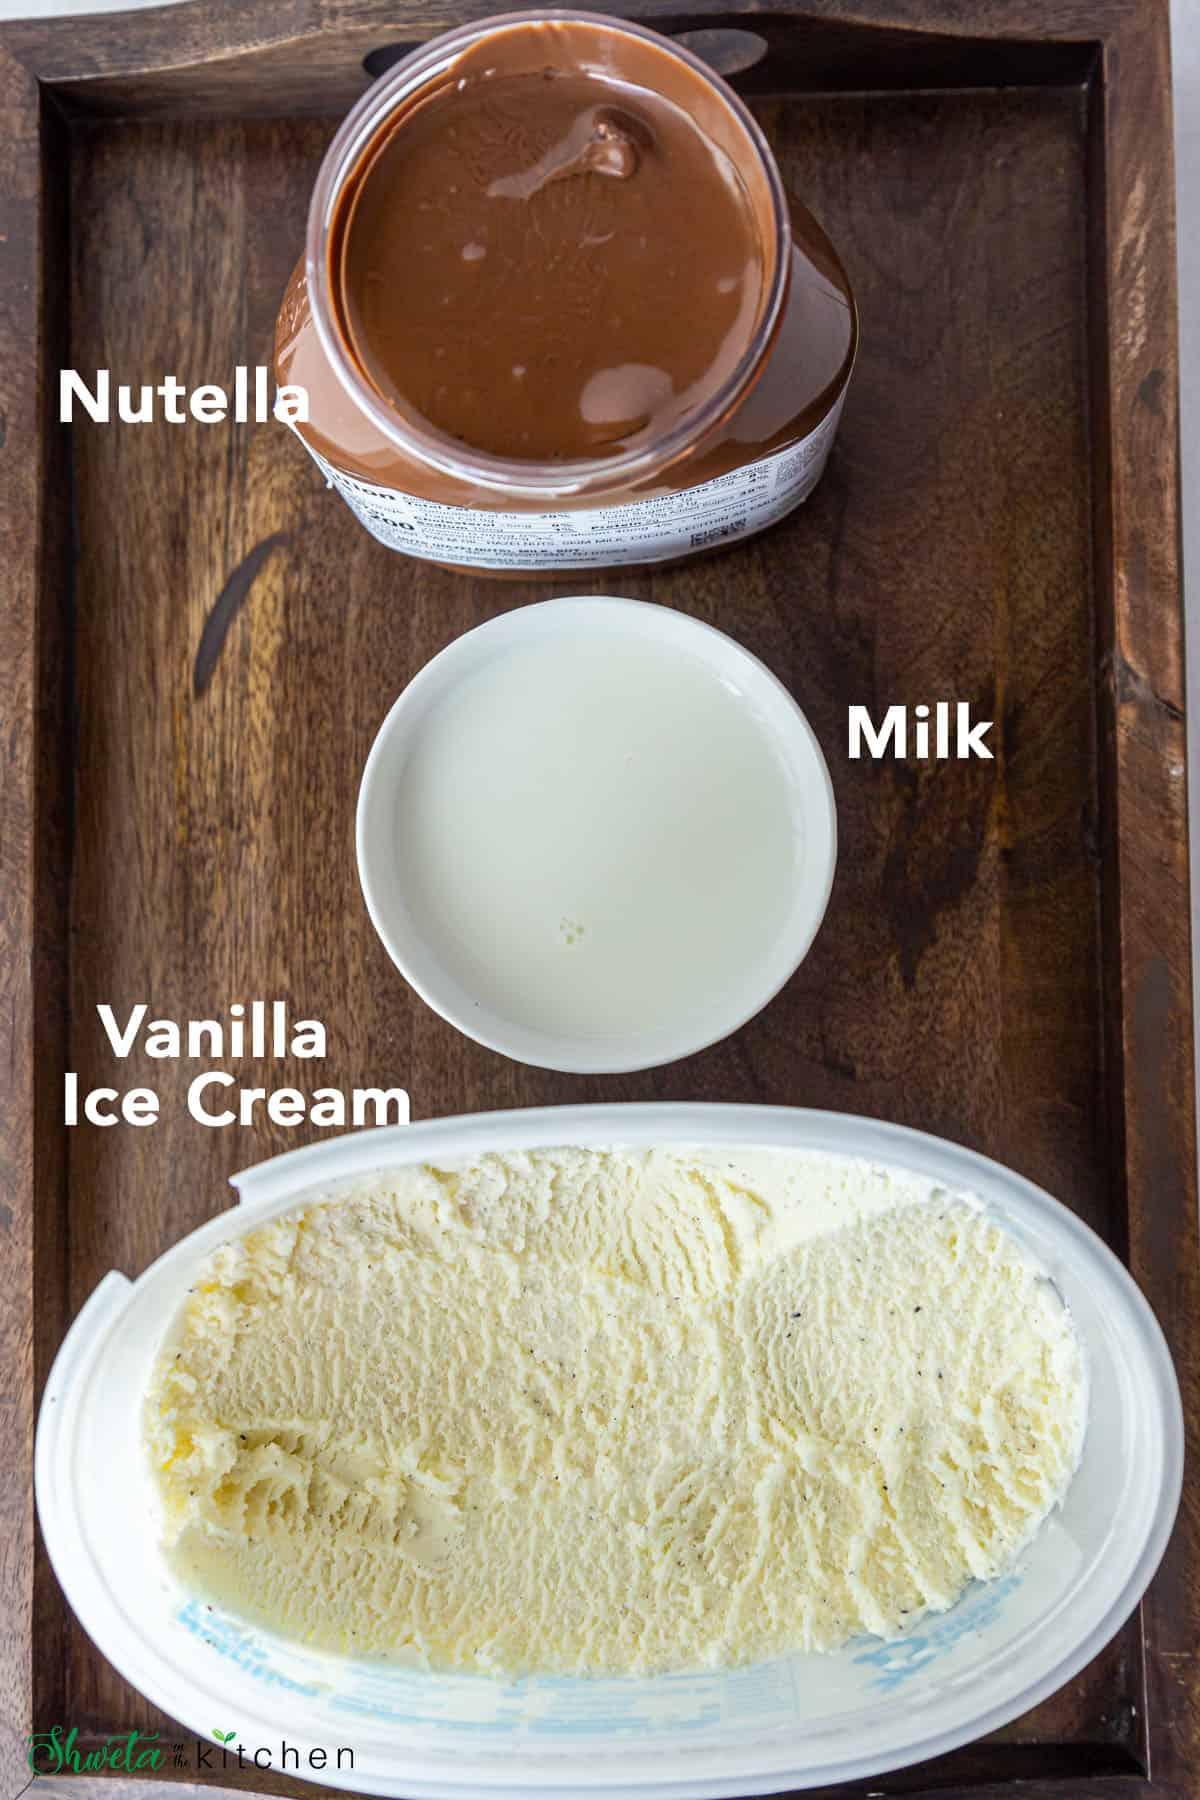 Nutella Milkshake Ingredients on aa wooden board